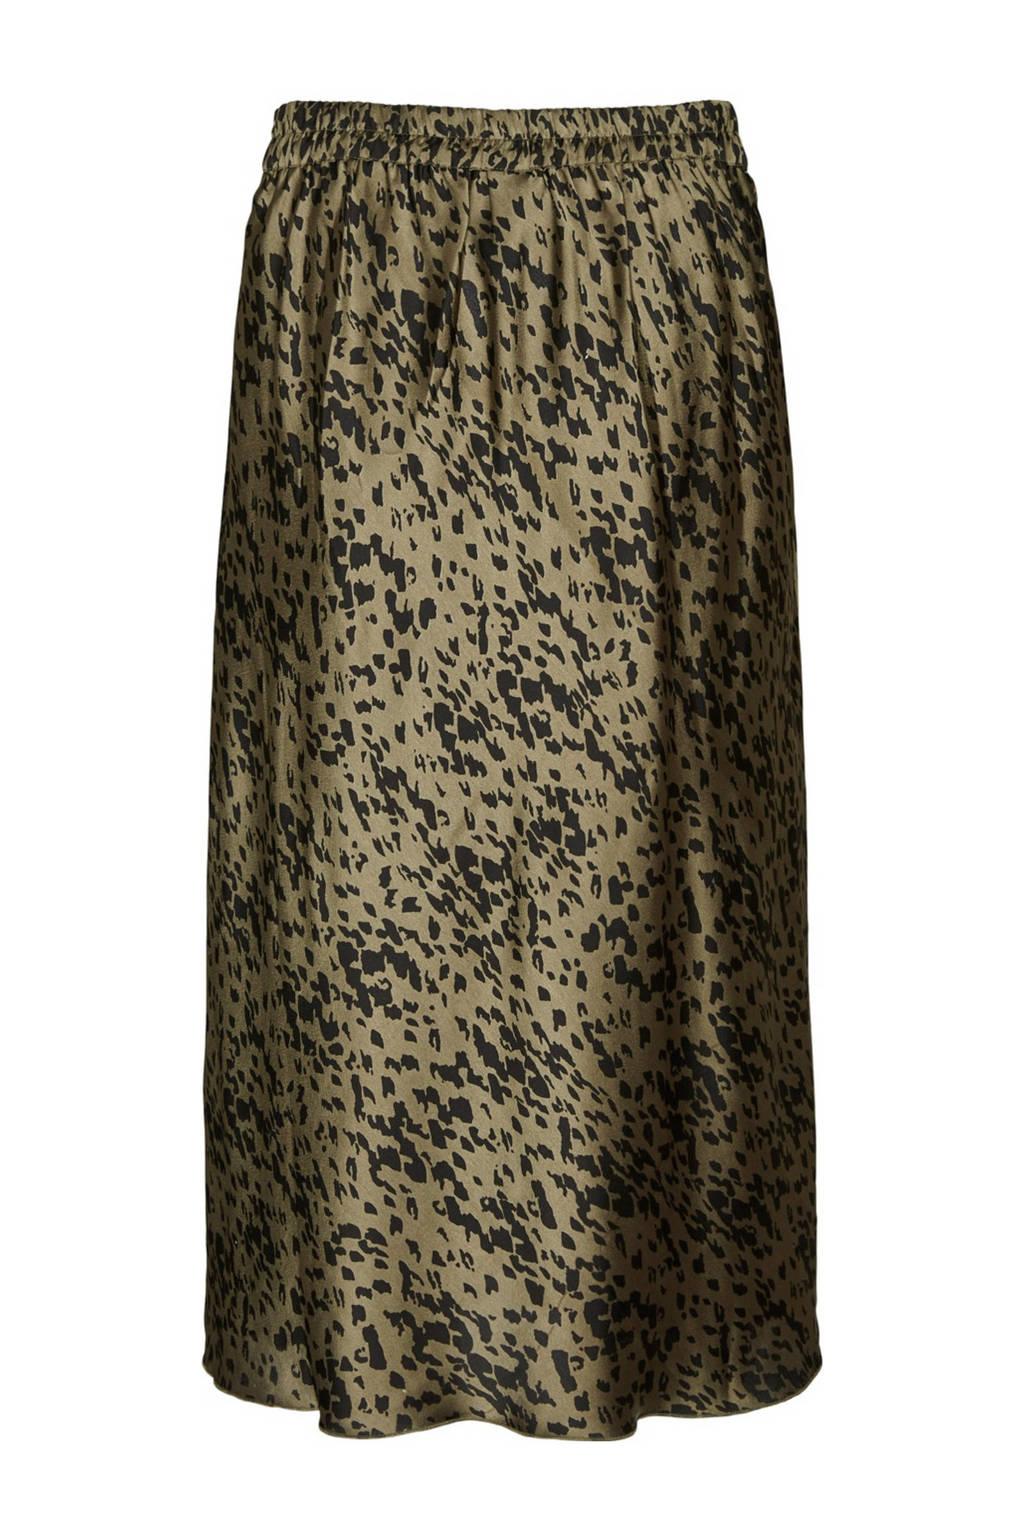 VERO MODA rok met slangenprint goen/zwart, Goen/zwart